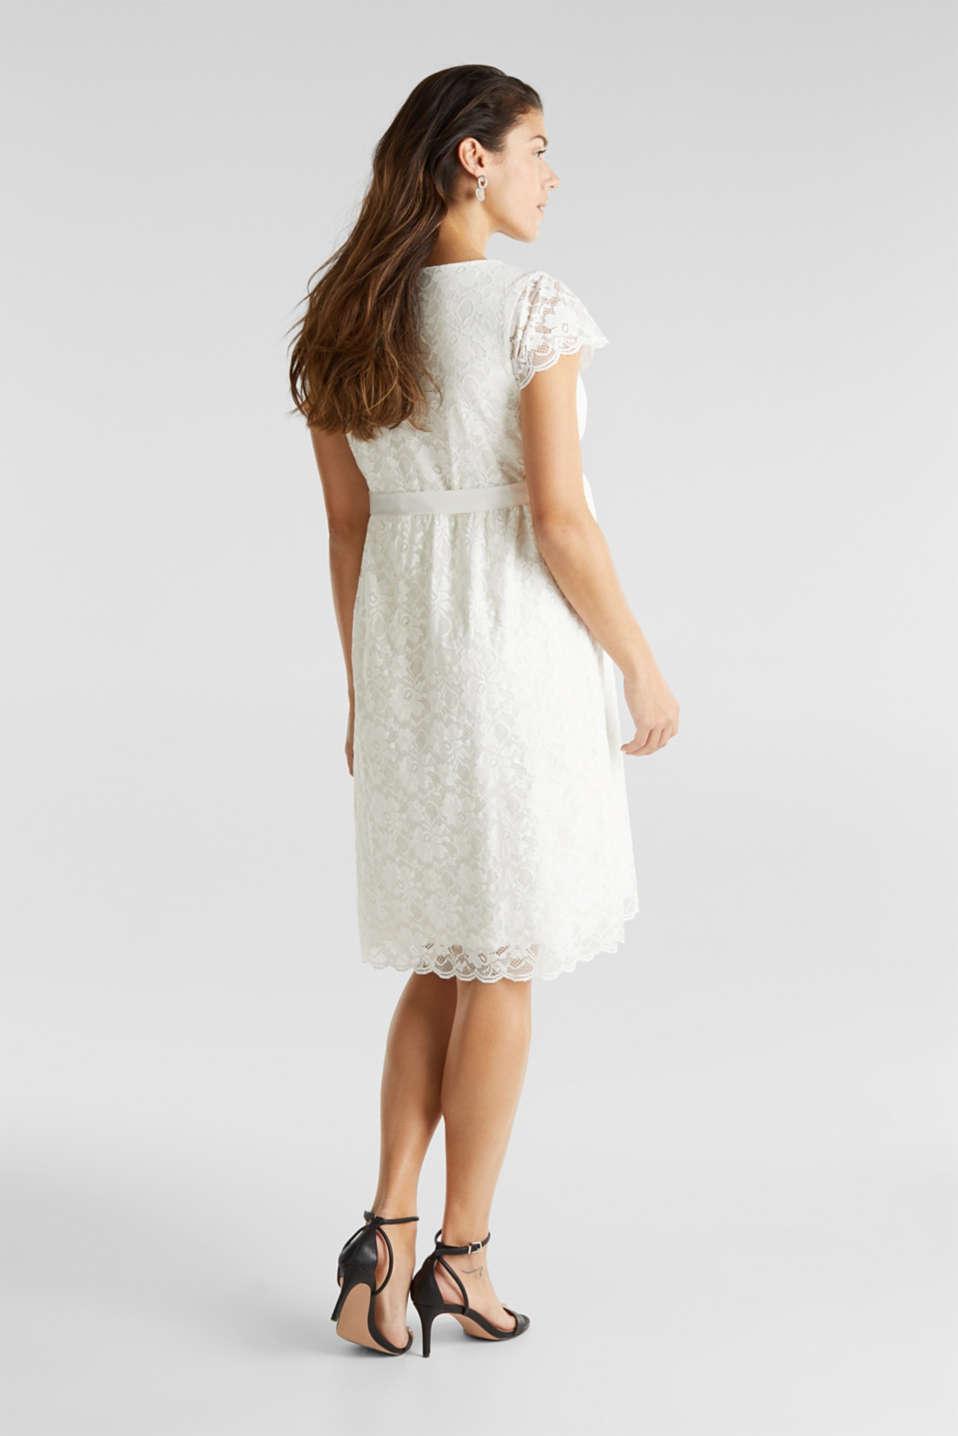 Nursing wedding dress, LCOFF WHITE, detail image number 3